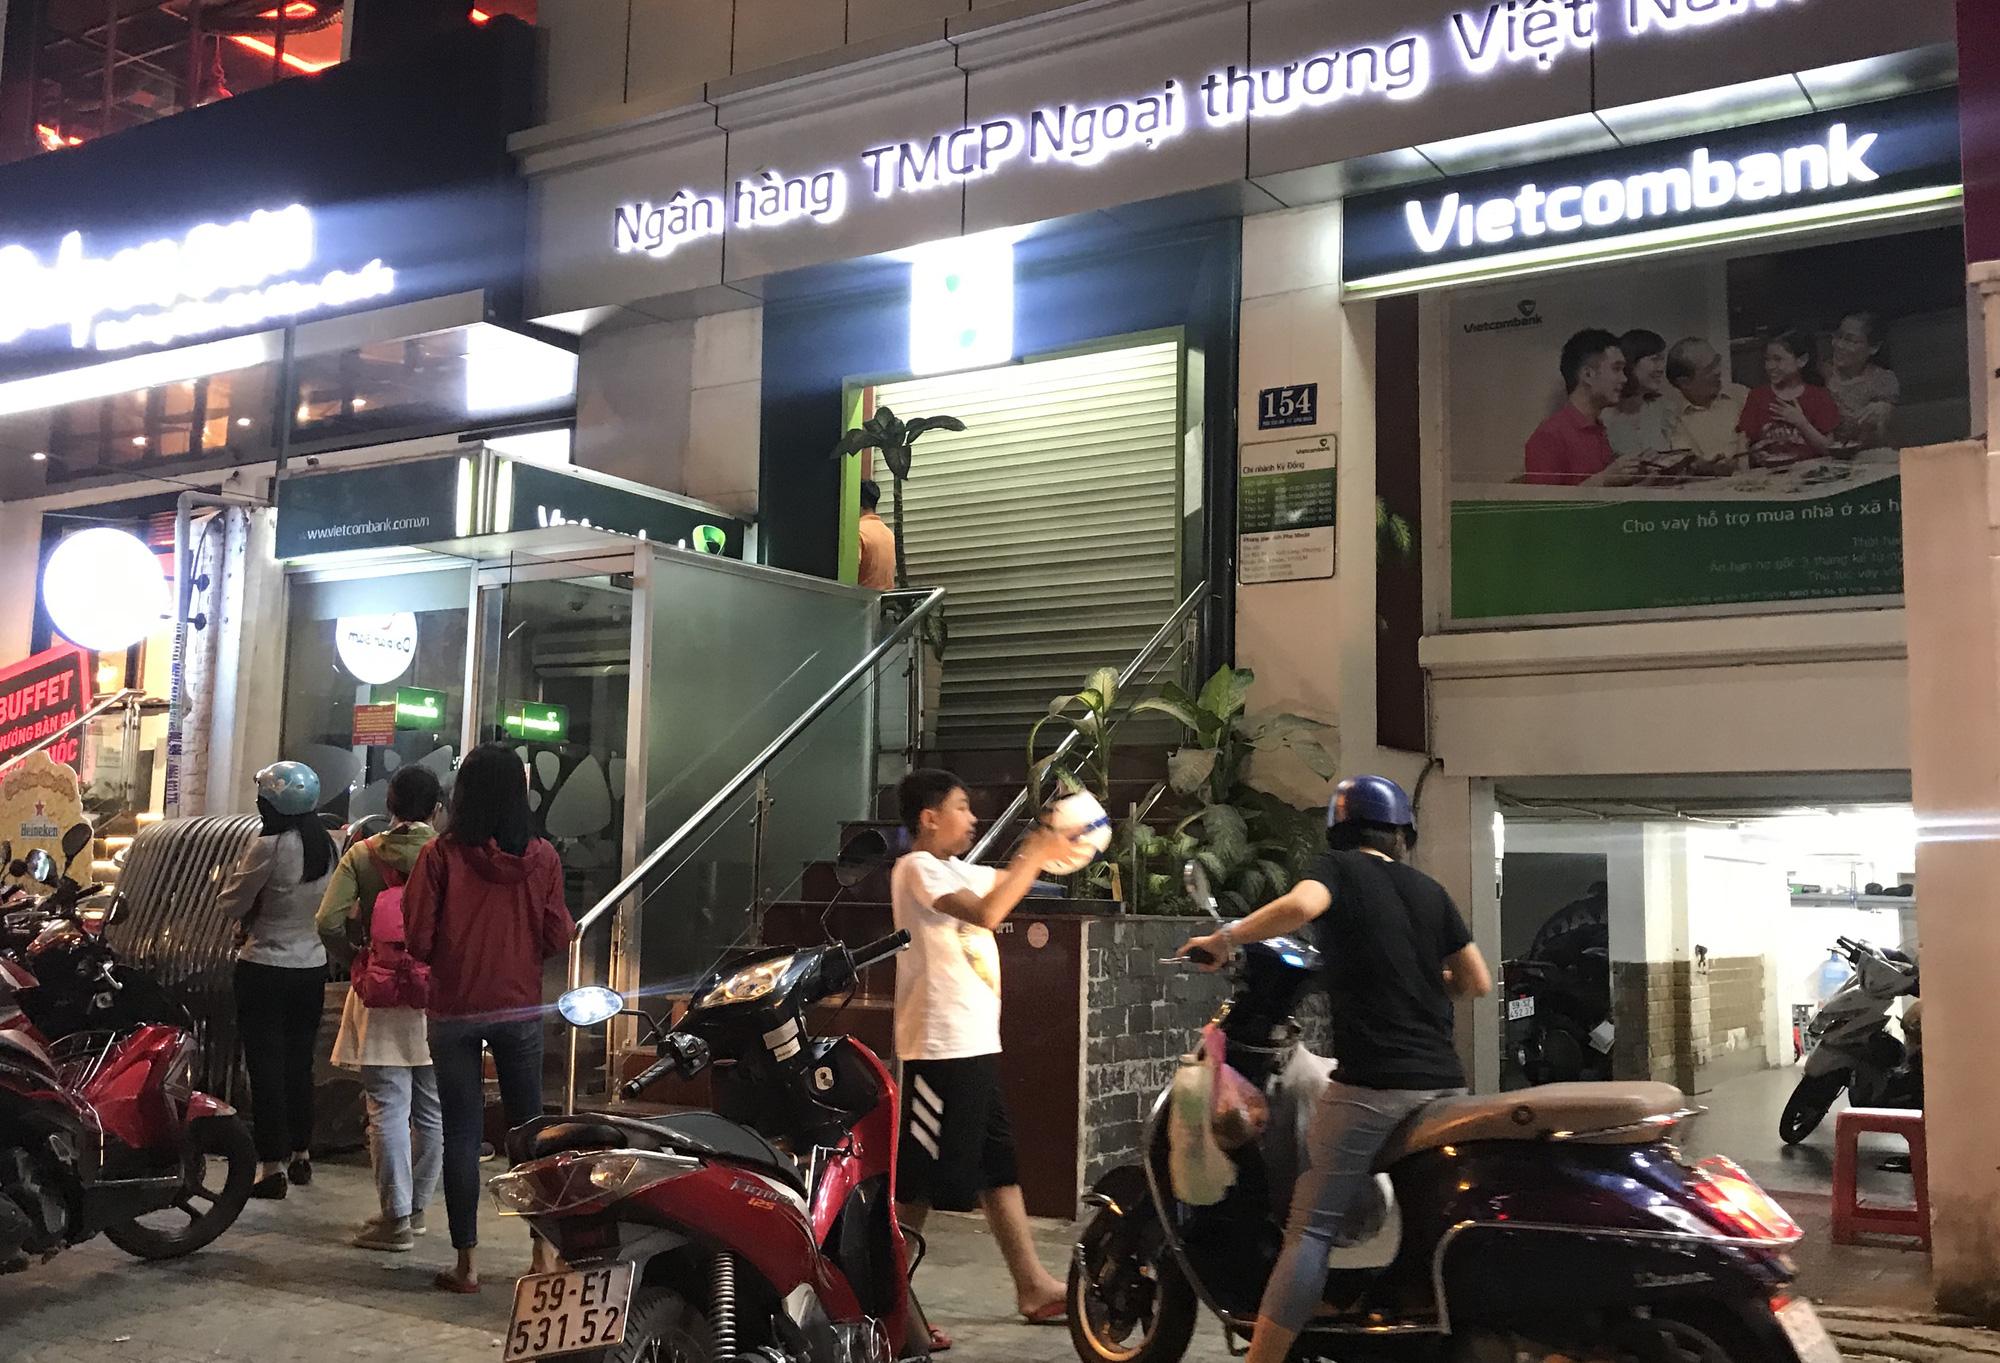 Ngày cuối cùng làm việc trước khi nghỉ Tết, ATM tại Sài Gòn vẫn hết tiền, giao dịch trên ngân hàng điện tử cũng kẹt - Ảnh 5.